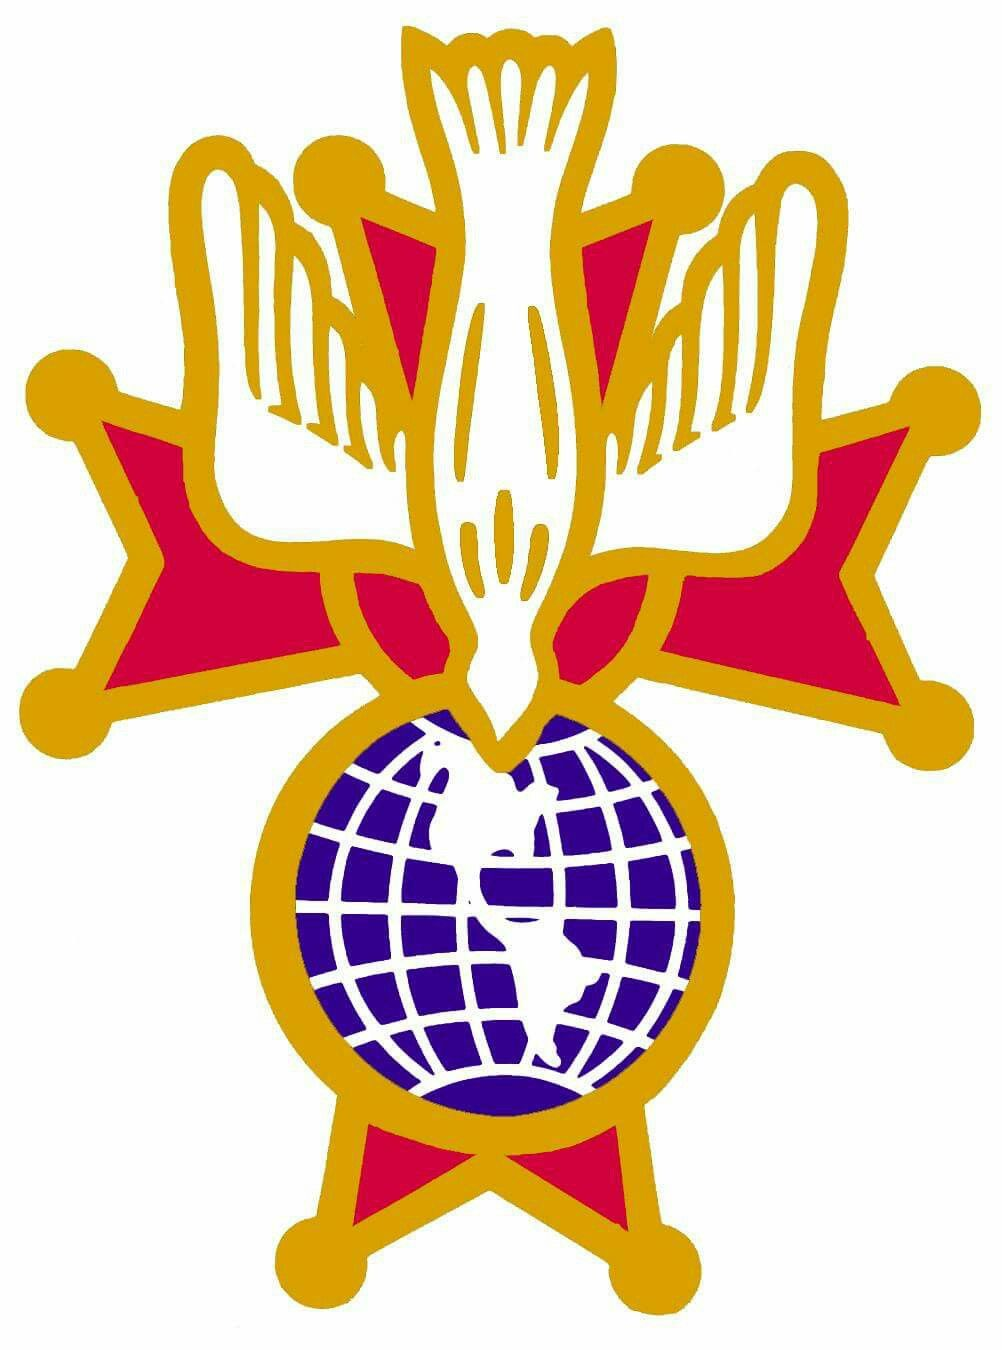 KofC 4th Degree Emblem | Knights of columbus, Grand knight, Knight